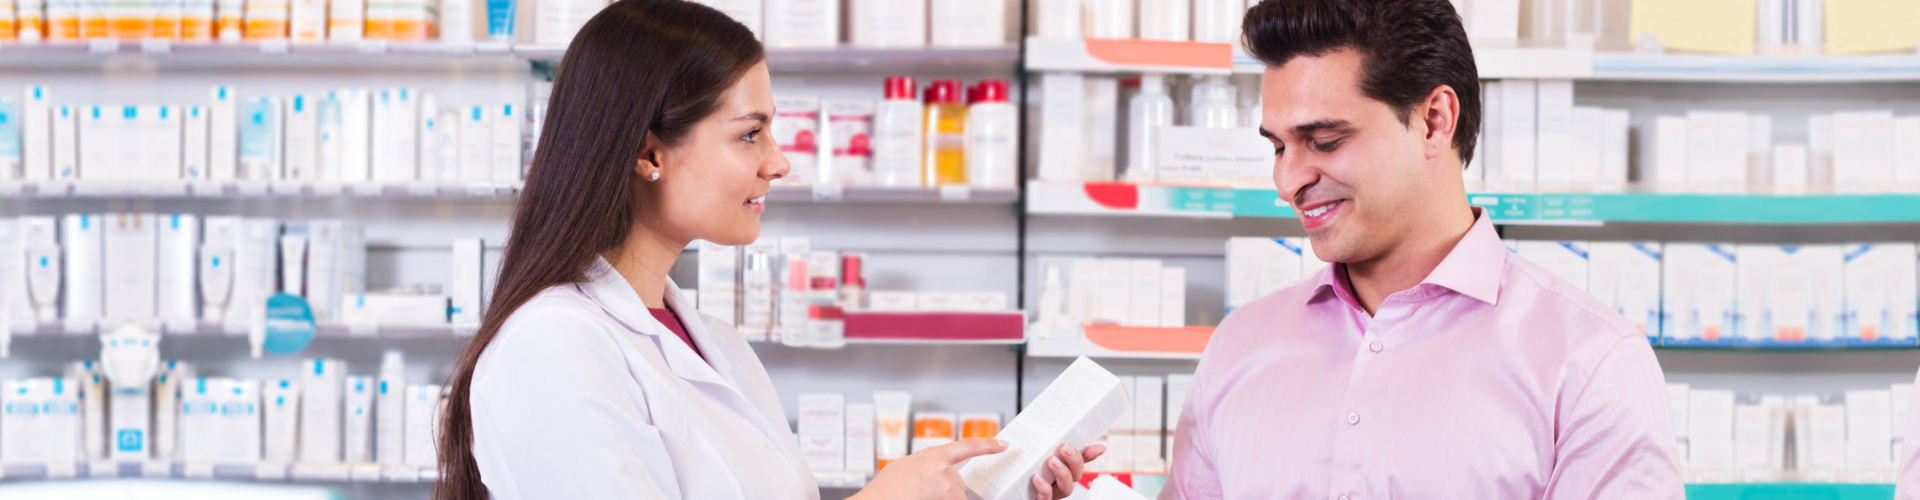 female pharmacist with male customer